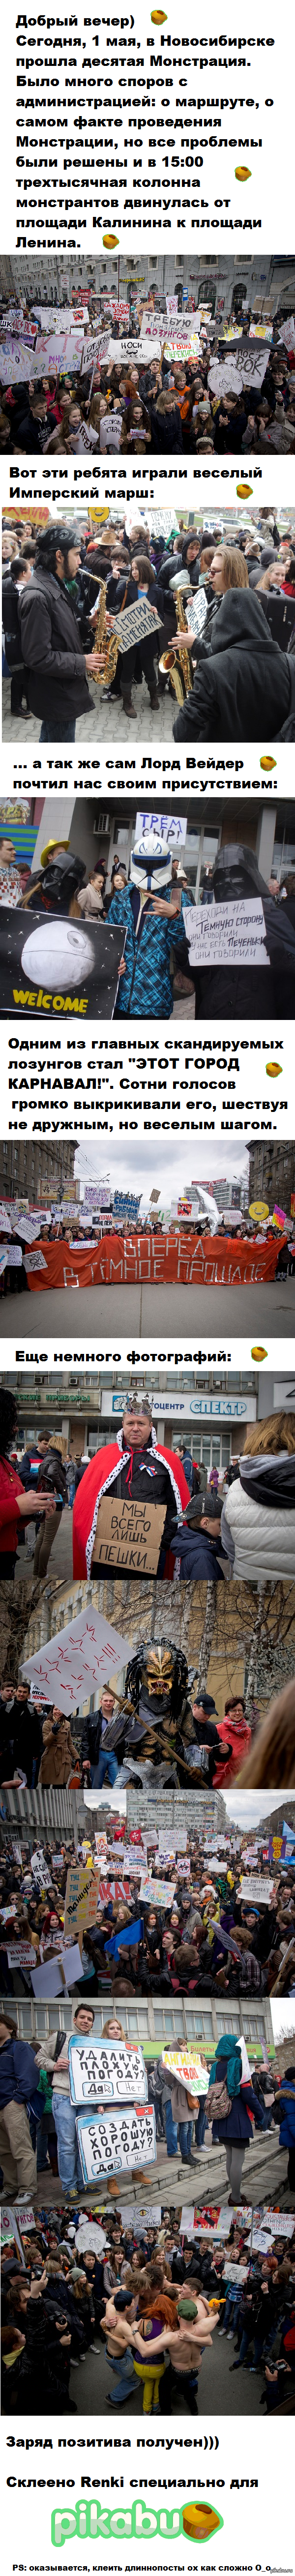 Монстрация в Новосибирске я очень старалась ^_^  Длиннопост, Фото, 1 мая, новосибирск, монстрация 2013